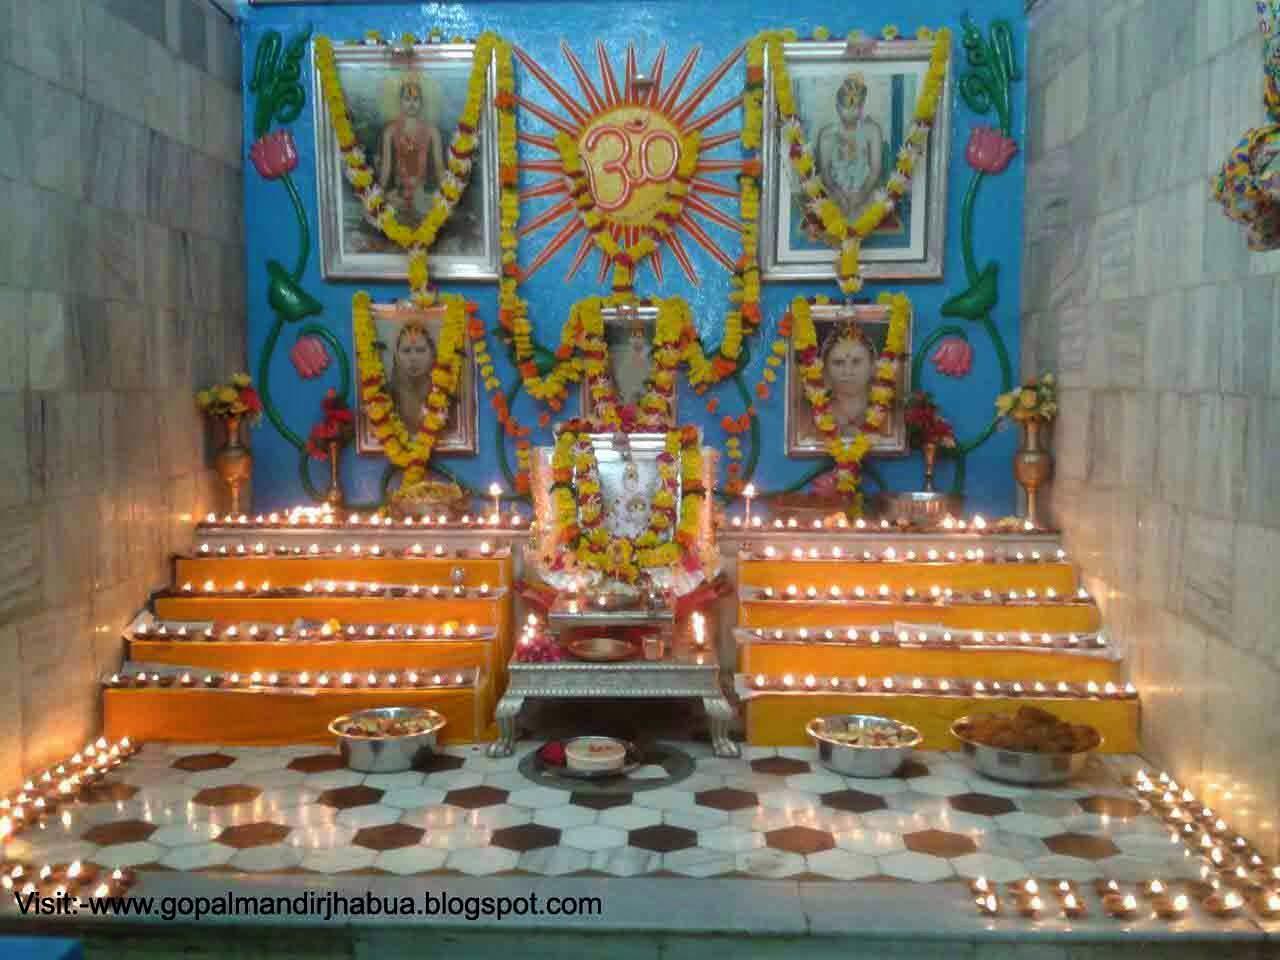 """Gopal-Mandir-Jhabua-Ghanshyam-Prabhu-100th-birth centenary-festival-Jhabua-2014-झाबुआ गोपाल मंदिर में """"घनश्याम प्रभु का 100 वॉ जन्म शताब्दी महोत्सव आयोजित """""""